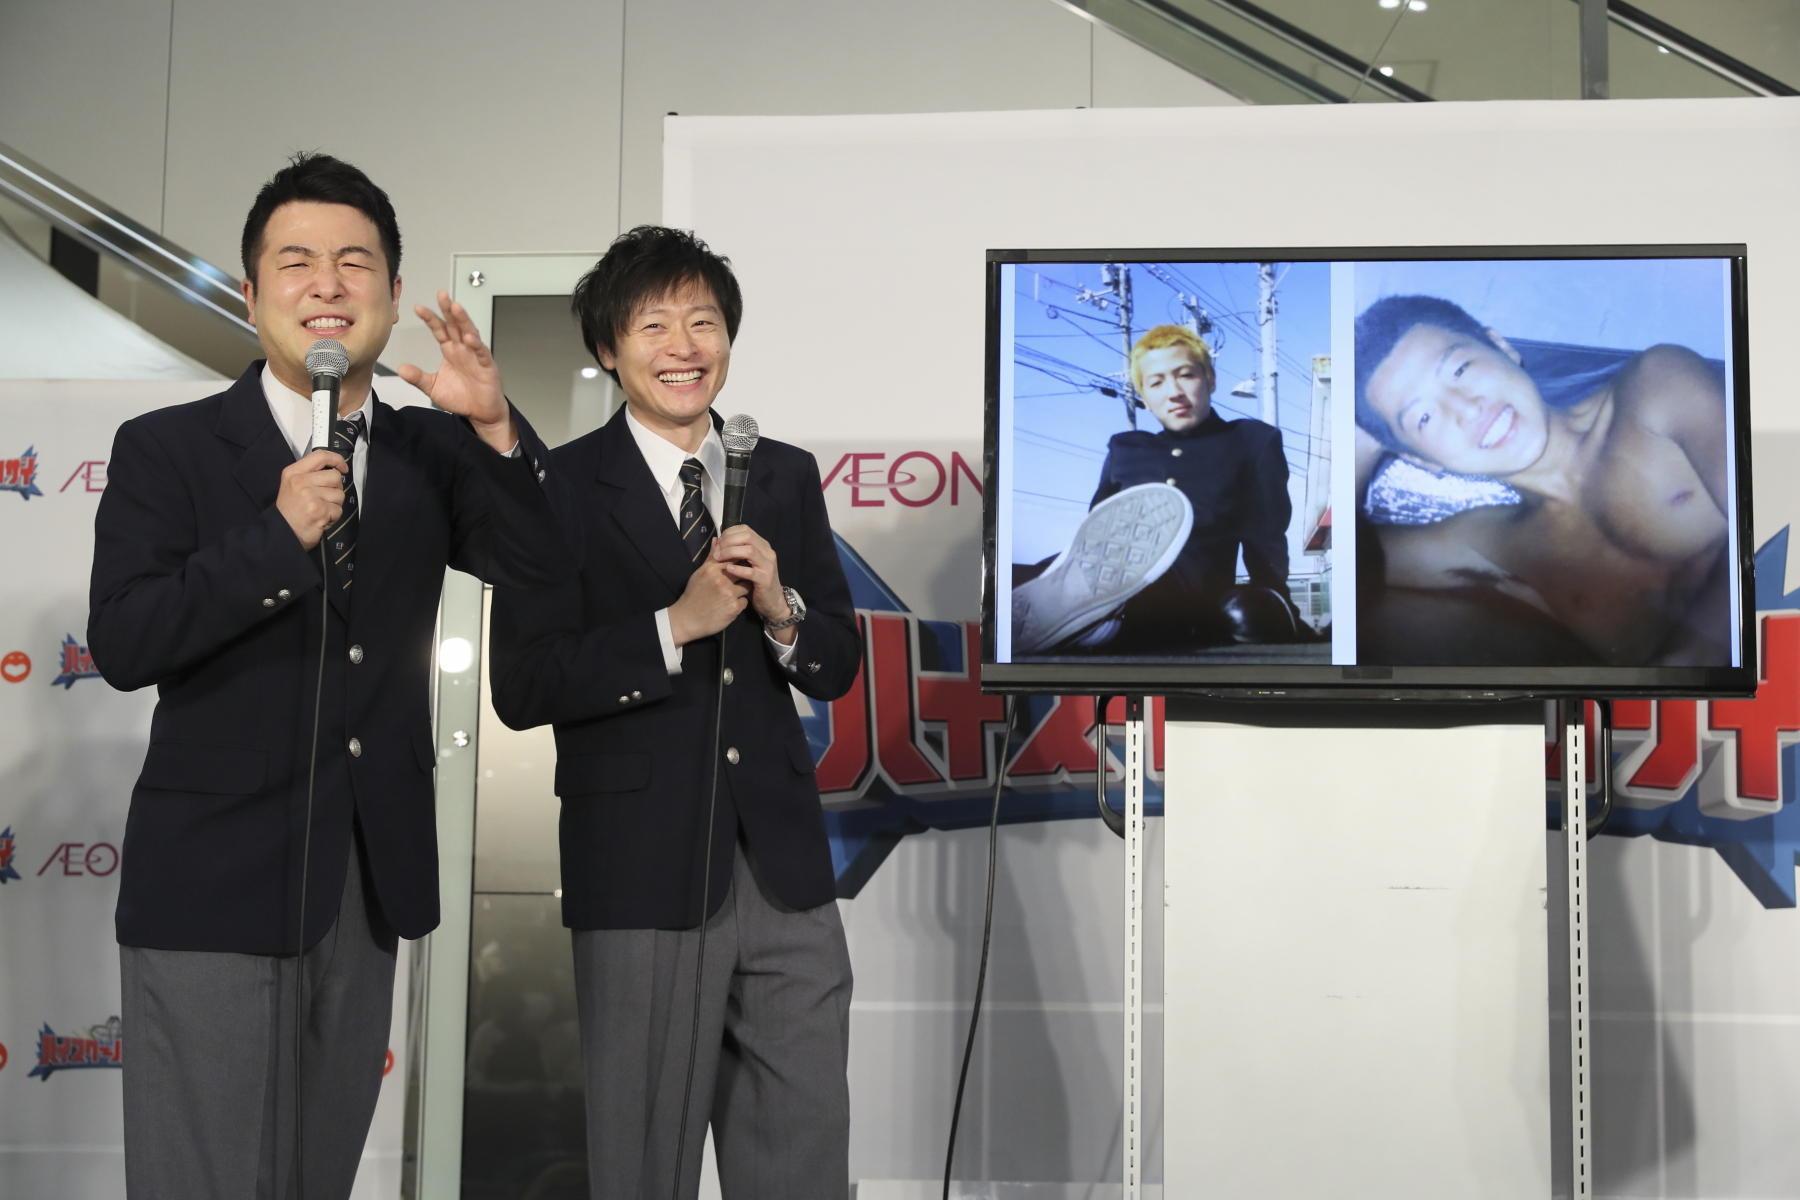 http://news.yoshimoto.co.jp/20180510215819-13e3d58d8af3a4c993407f05feb6bfe01edb485e.jpg